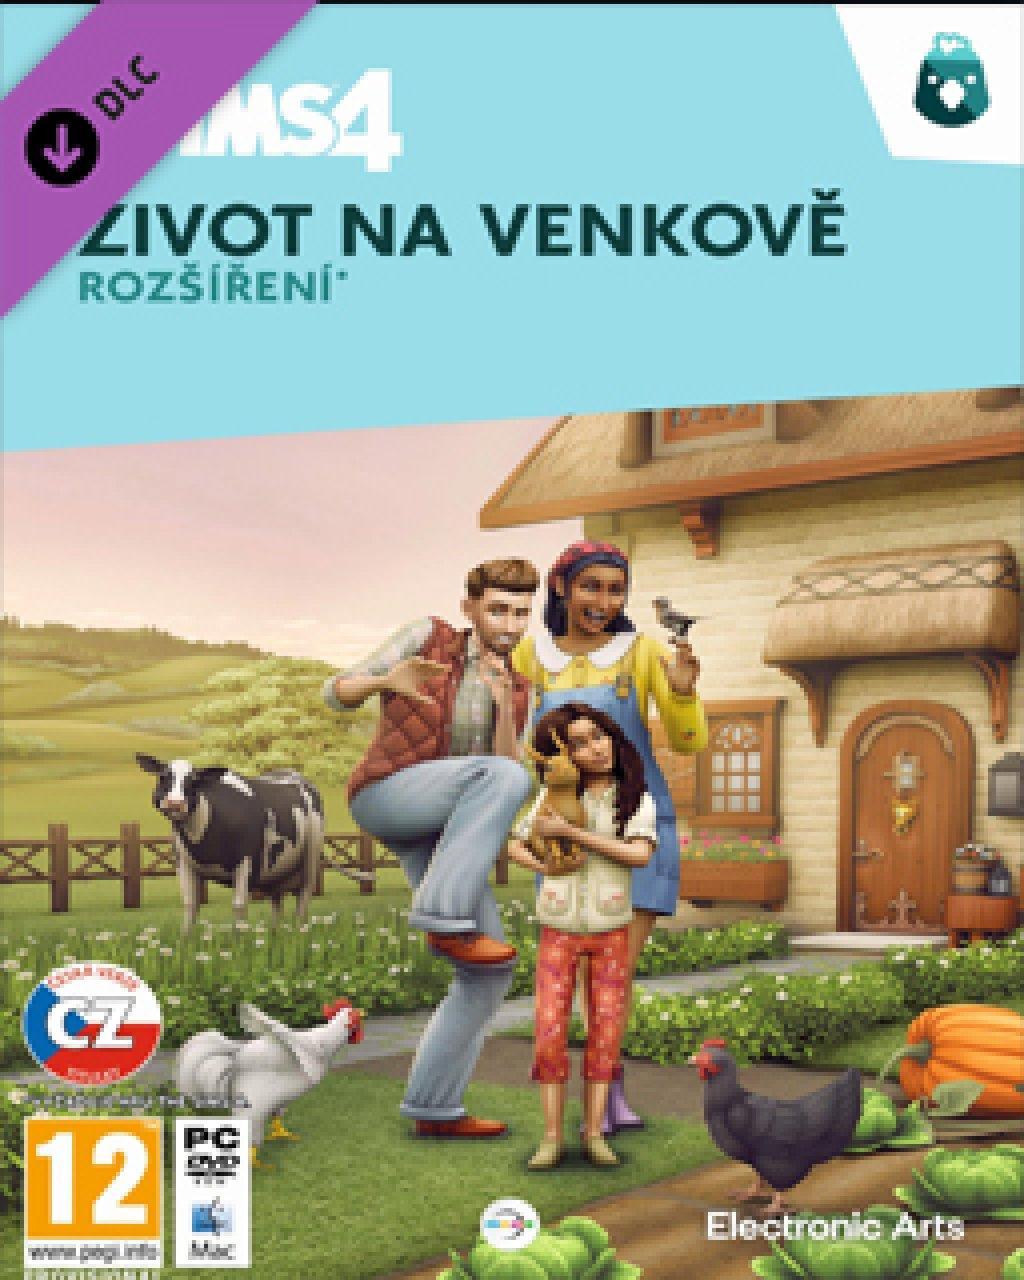 The Sims 4 Život na venkově